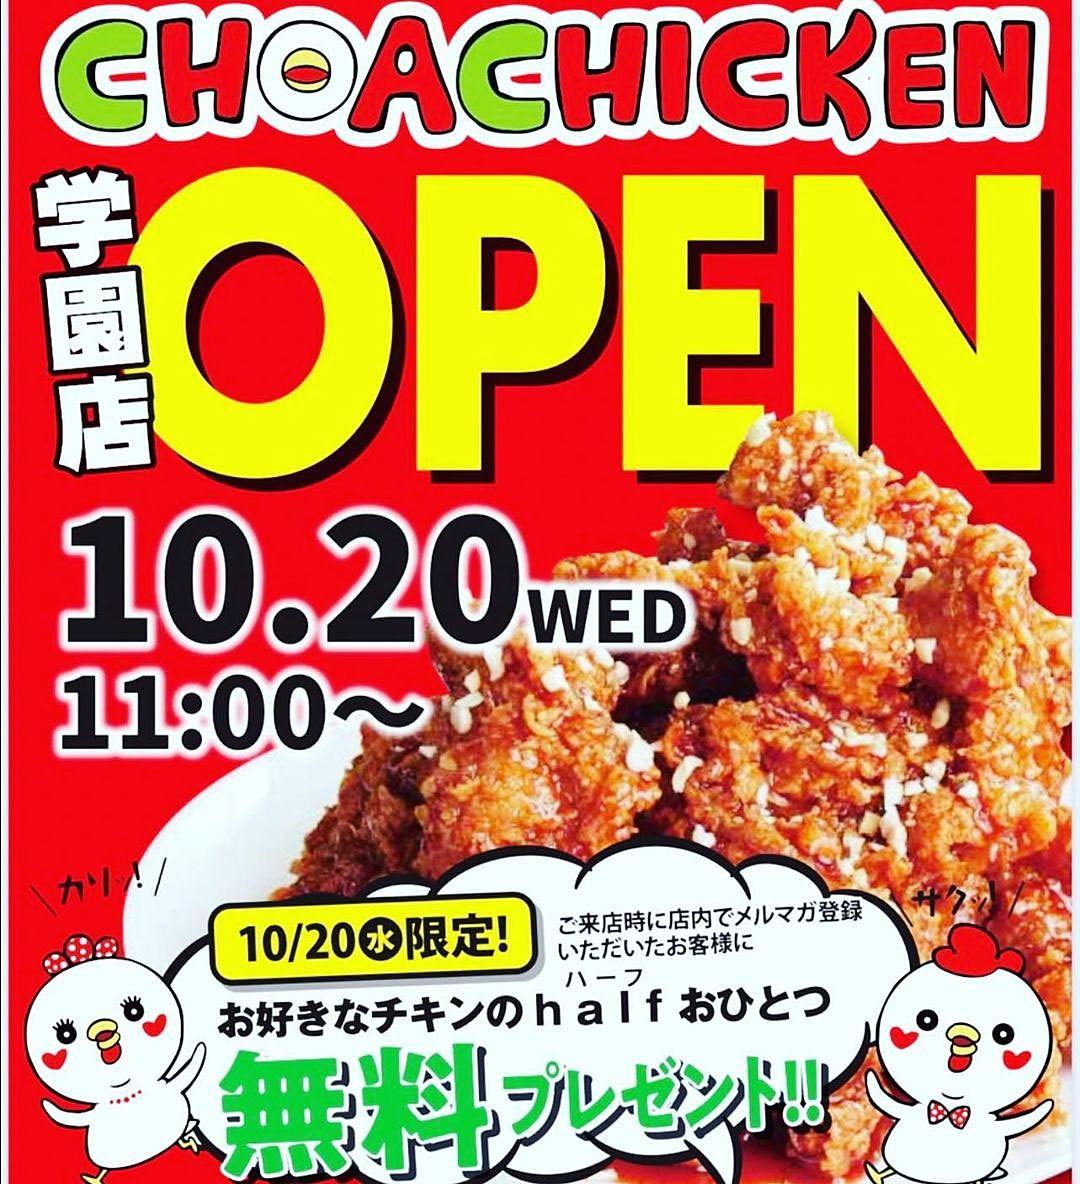 10月20日学園2丁目に韓国クリスピーチキン「チョアチキン」OPEN!